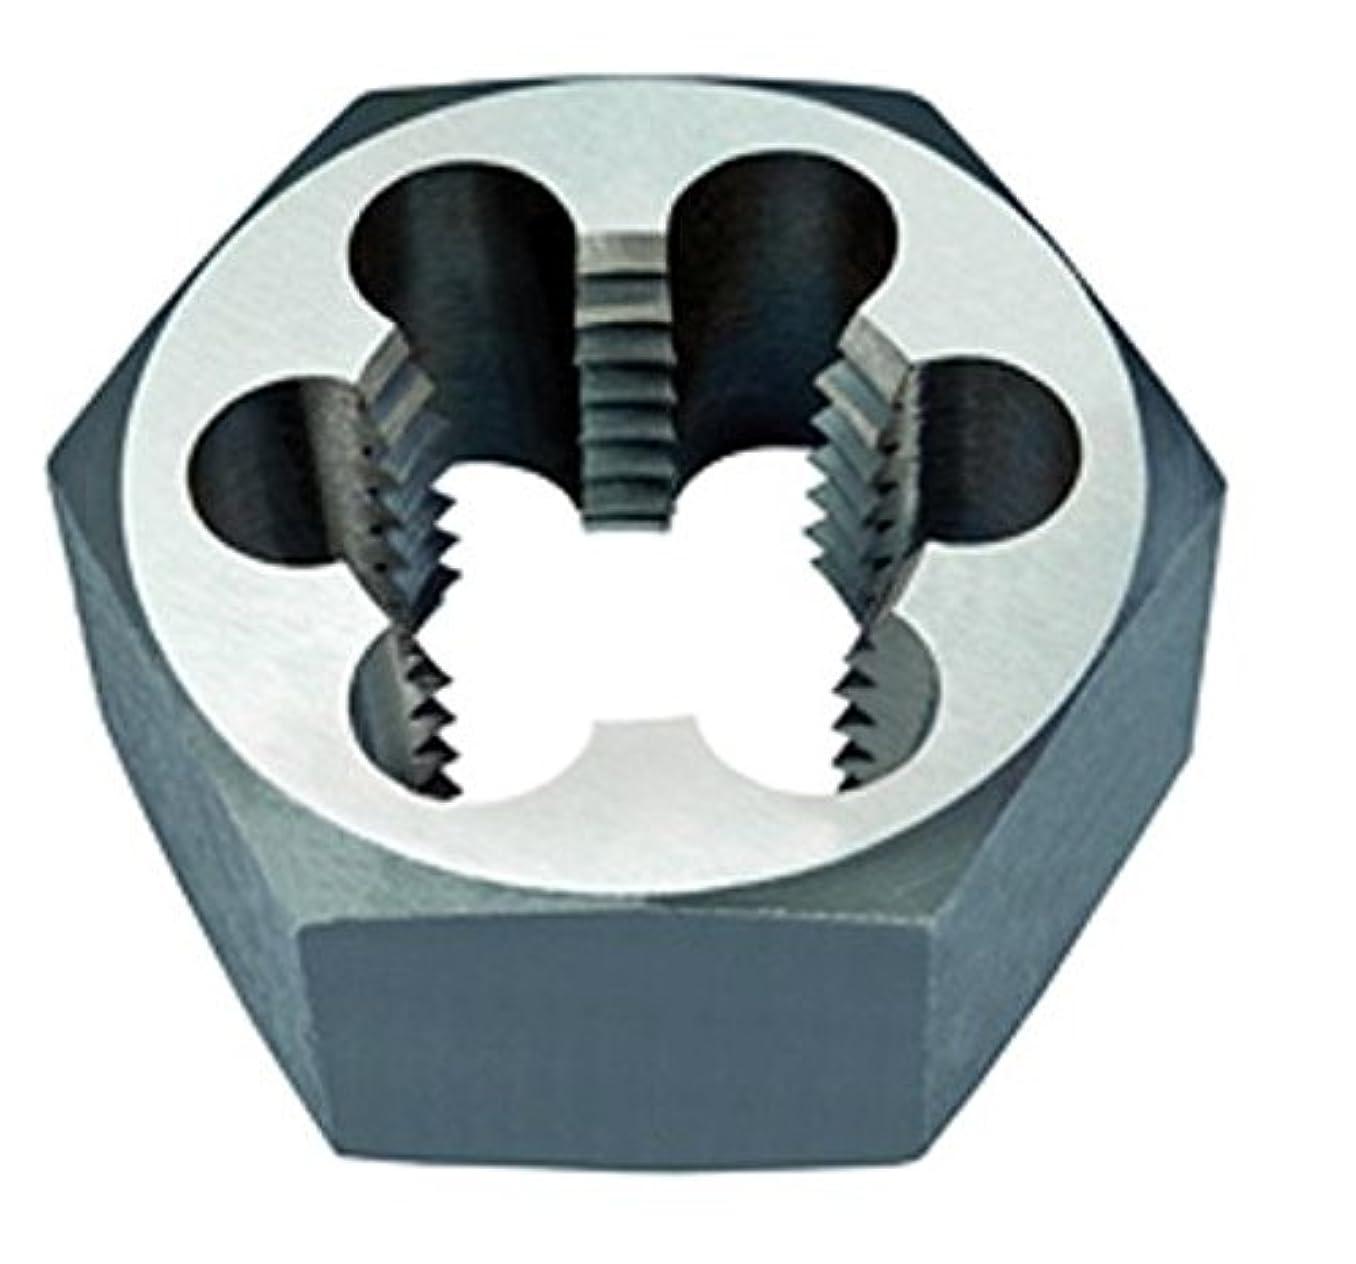 Alfa Tools CSHD70881C 1/2-20 Carbon Steel Carded Hex Die 1.7/16